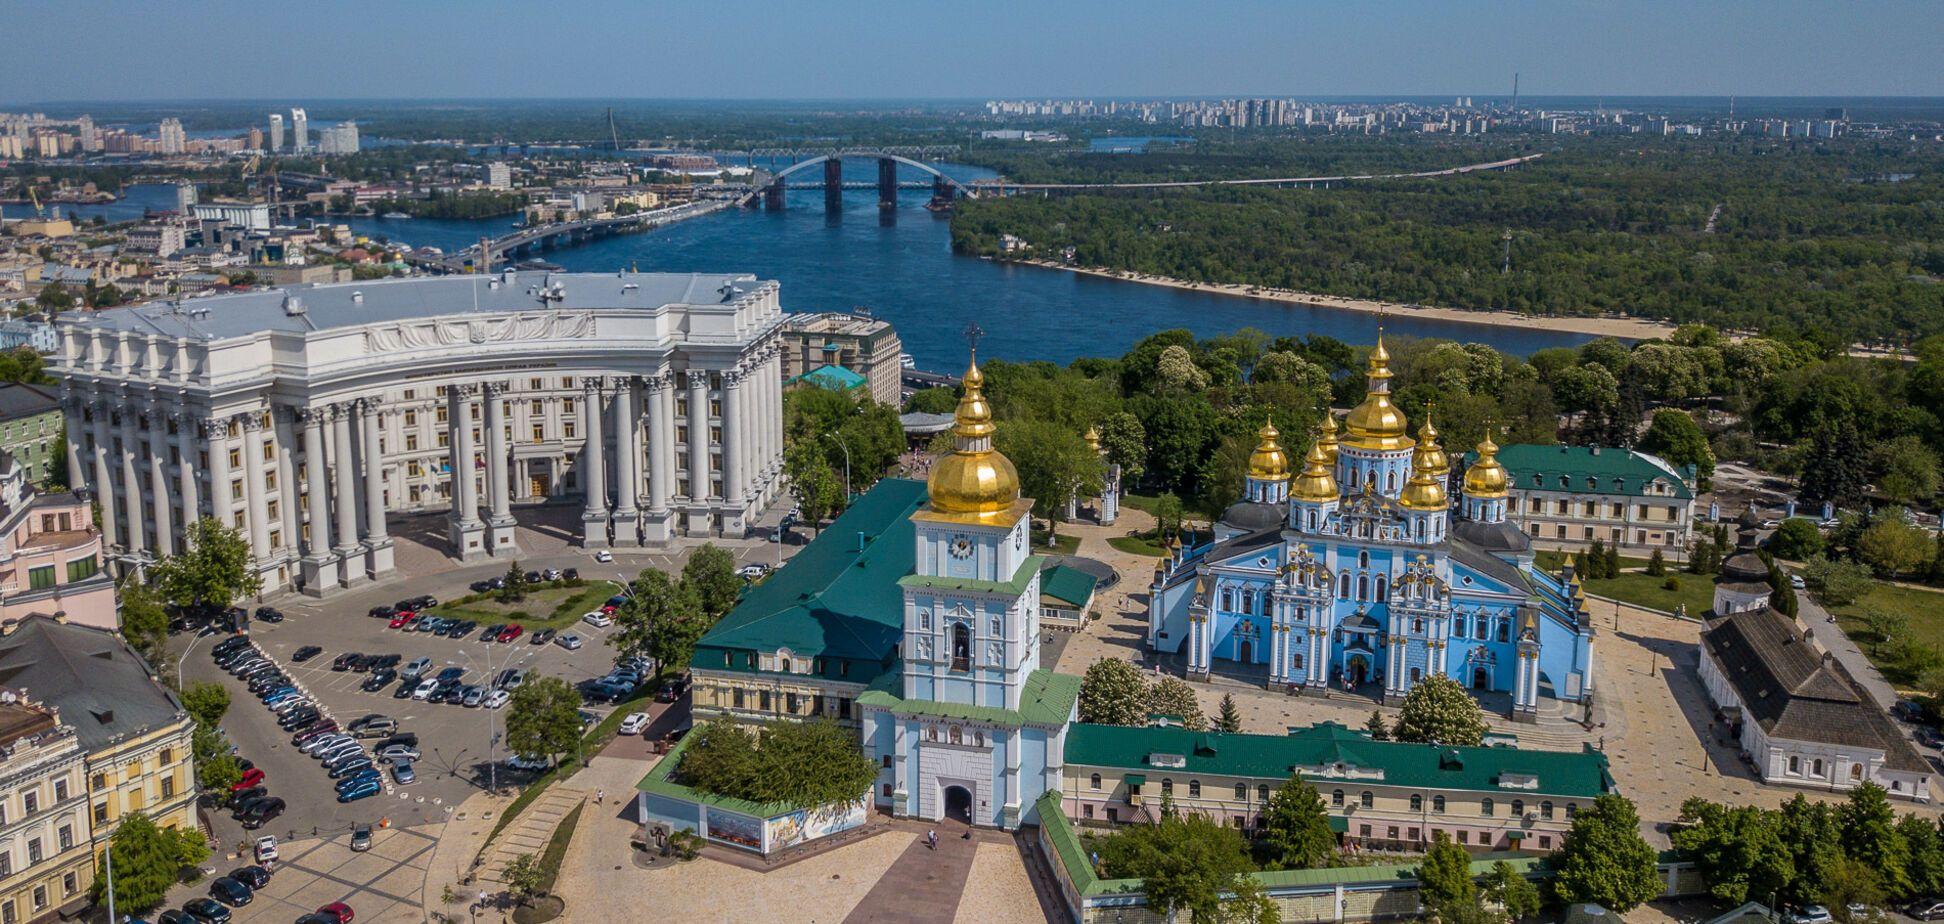 Київ з висоти пташиного польоту: опубліковані вражаючі фото